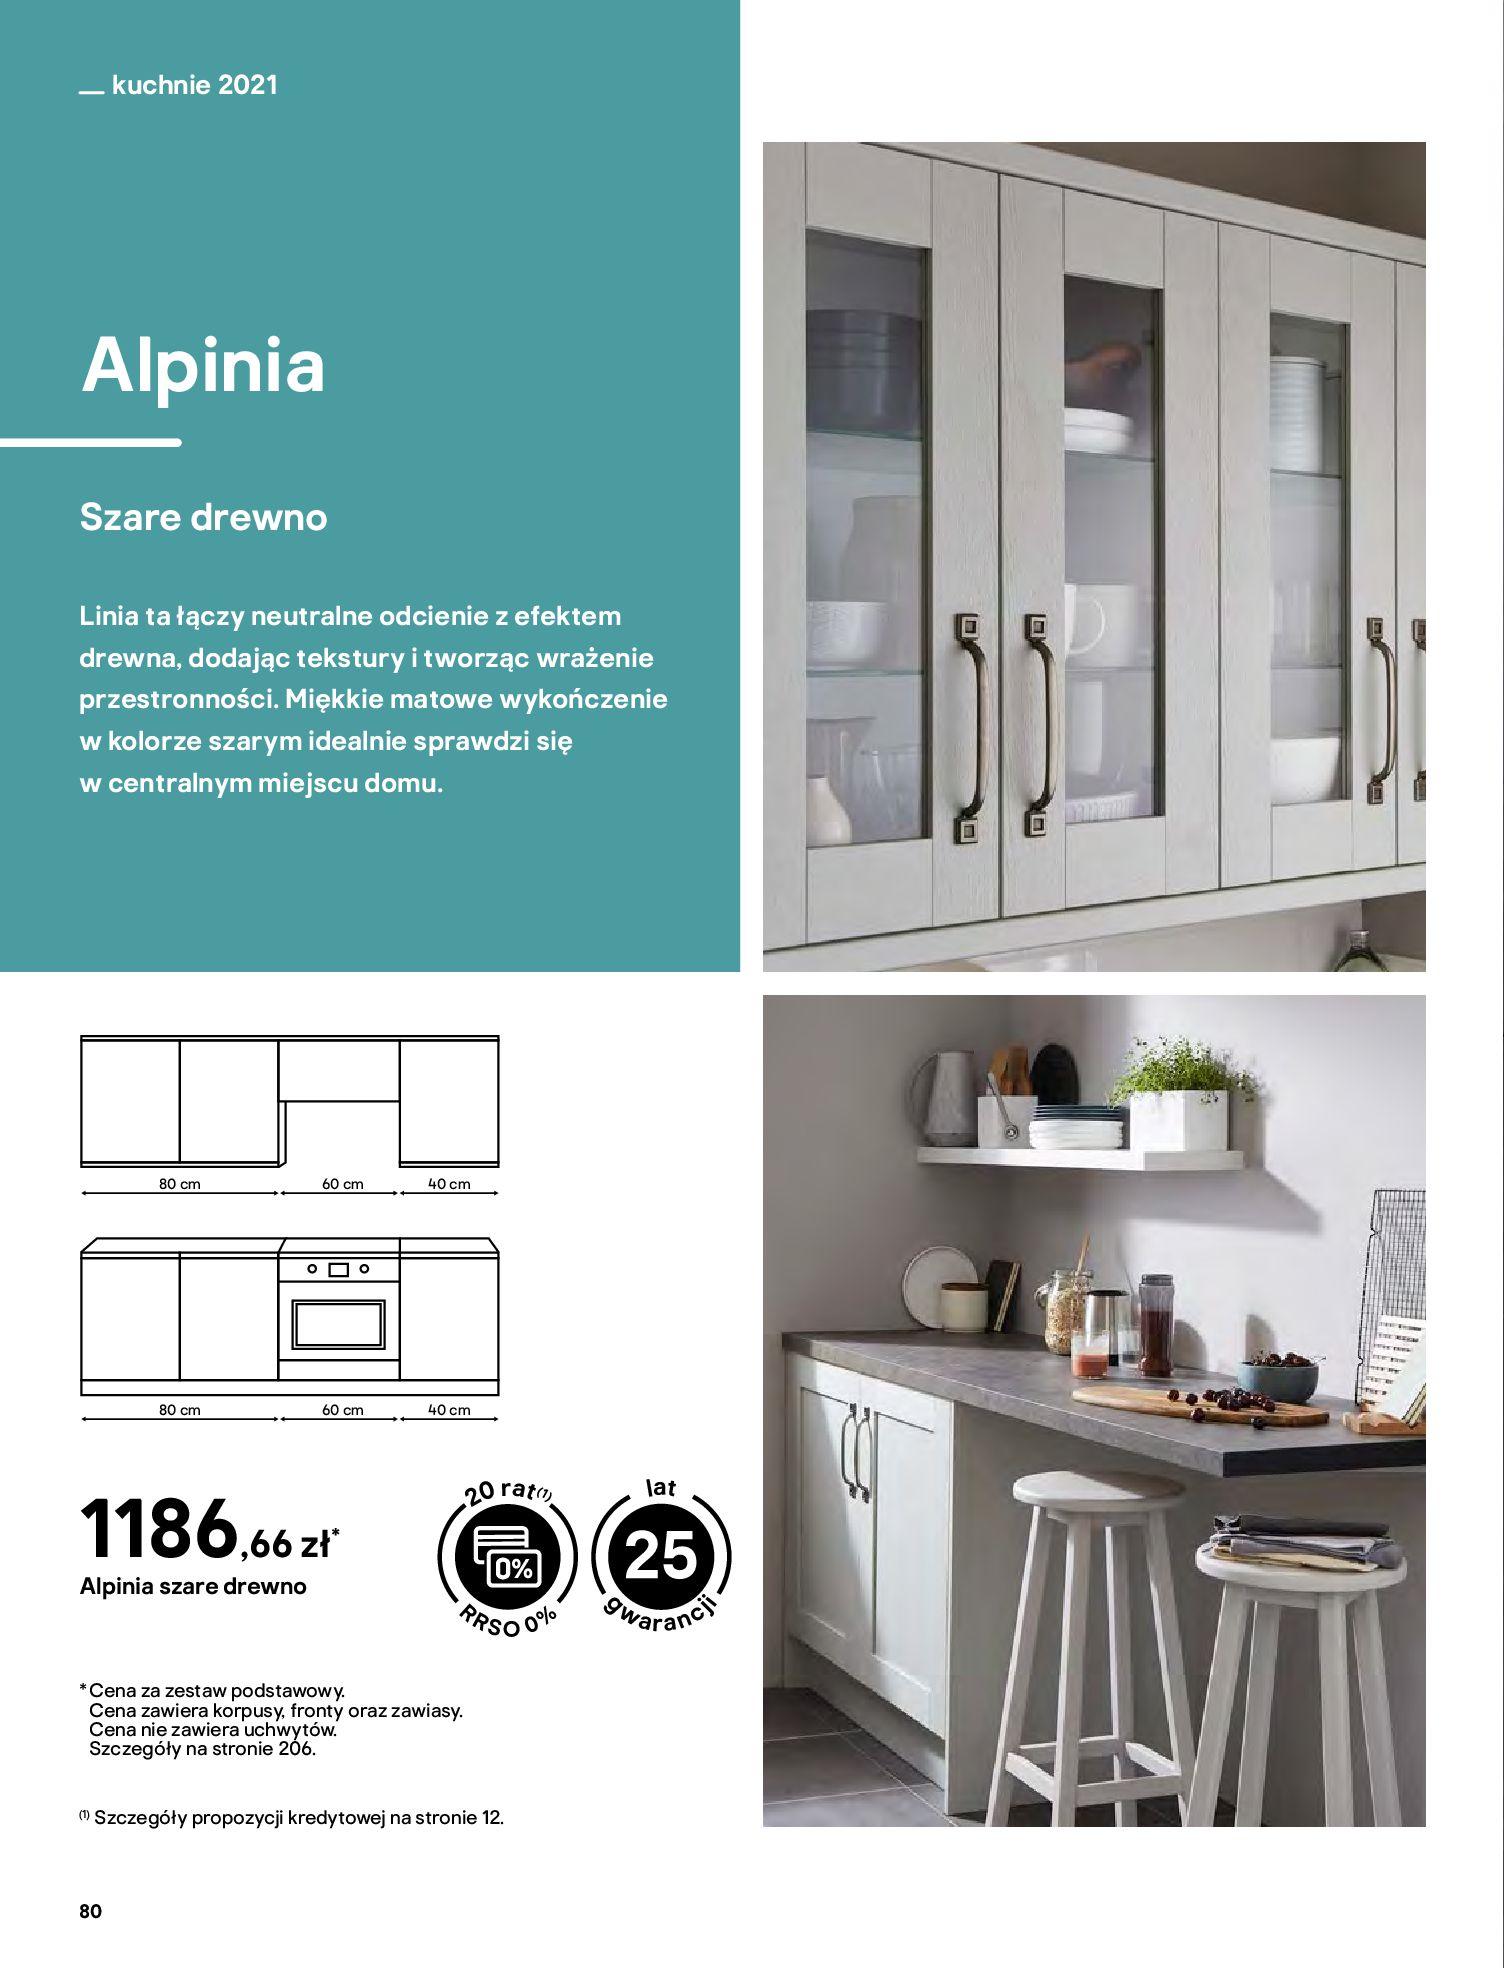 Gazetka Castorama: Katalog kuchnie 2021 2021-05-04 page-80